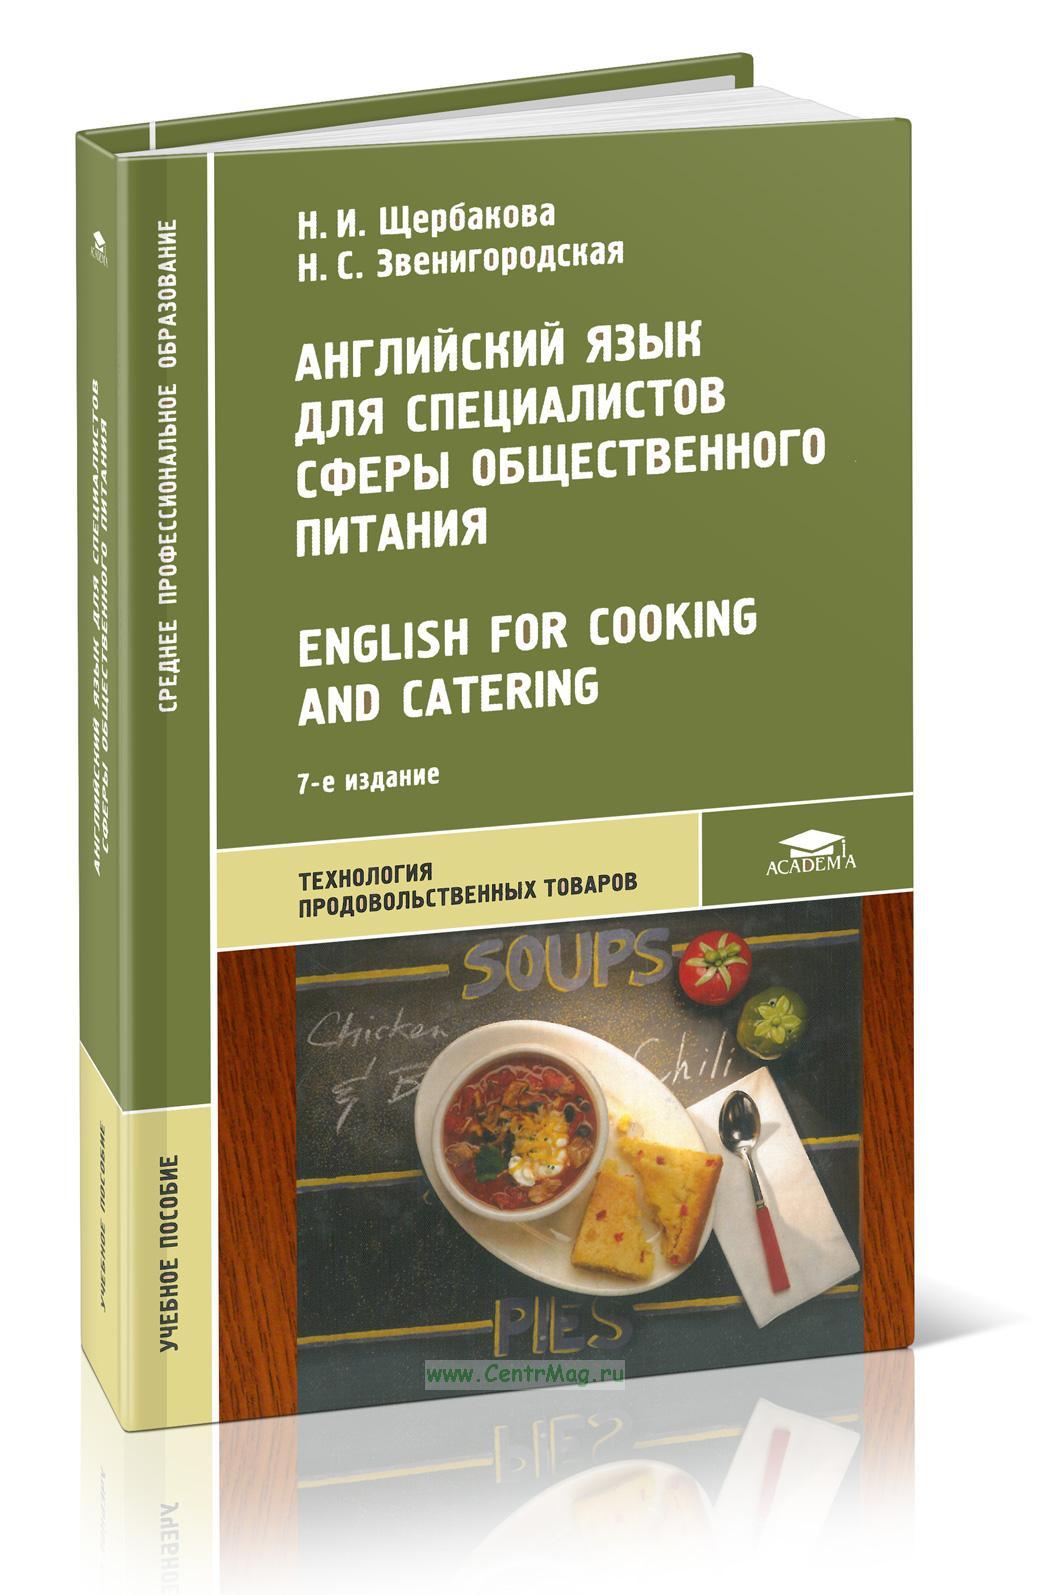 Английский язык для специалистов сферы общественного питания / English for Cooking and Catering